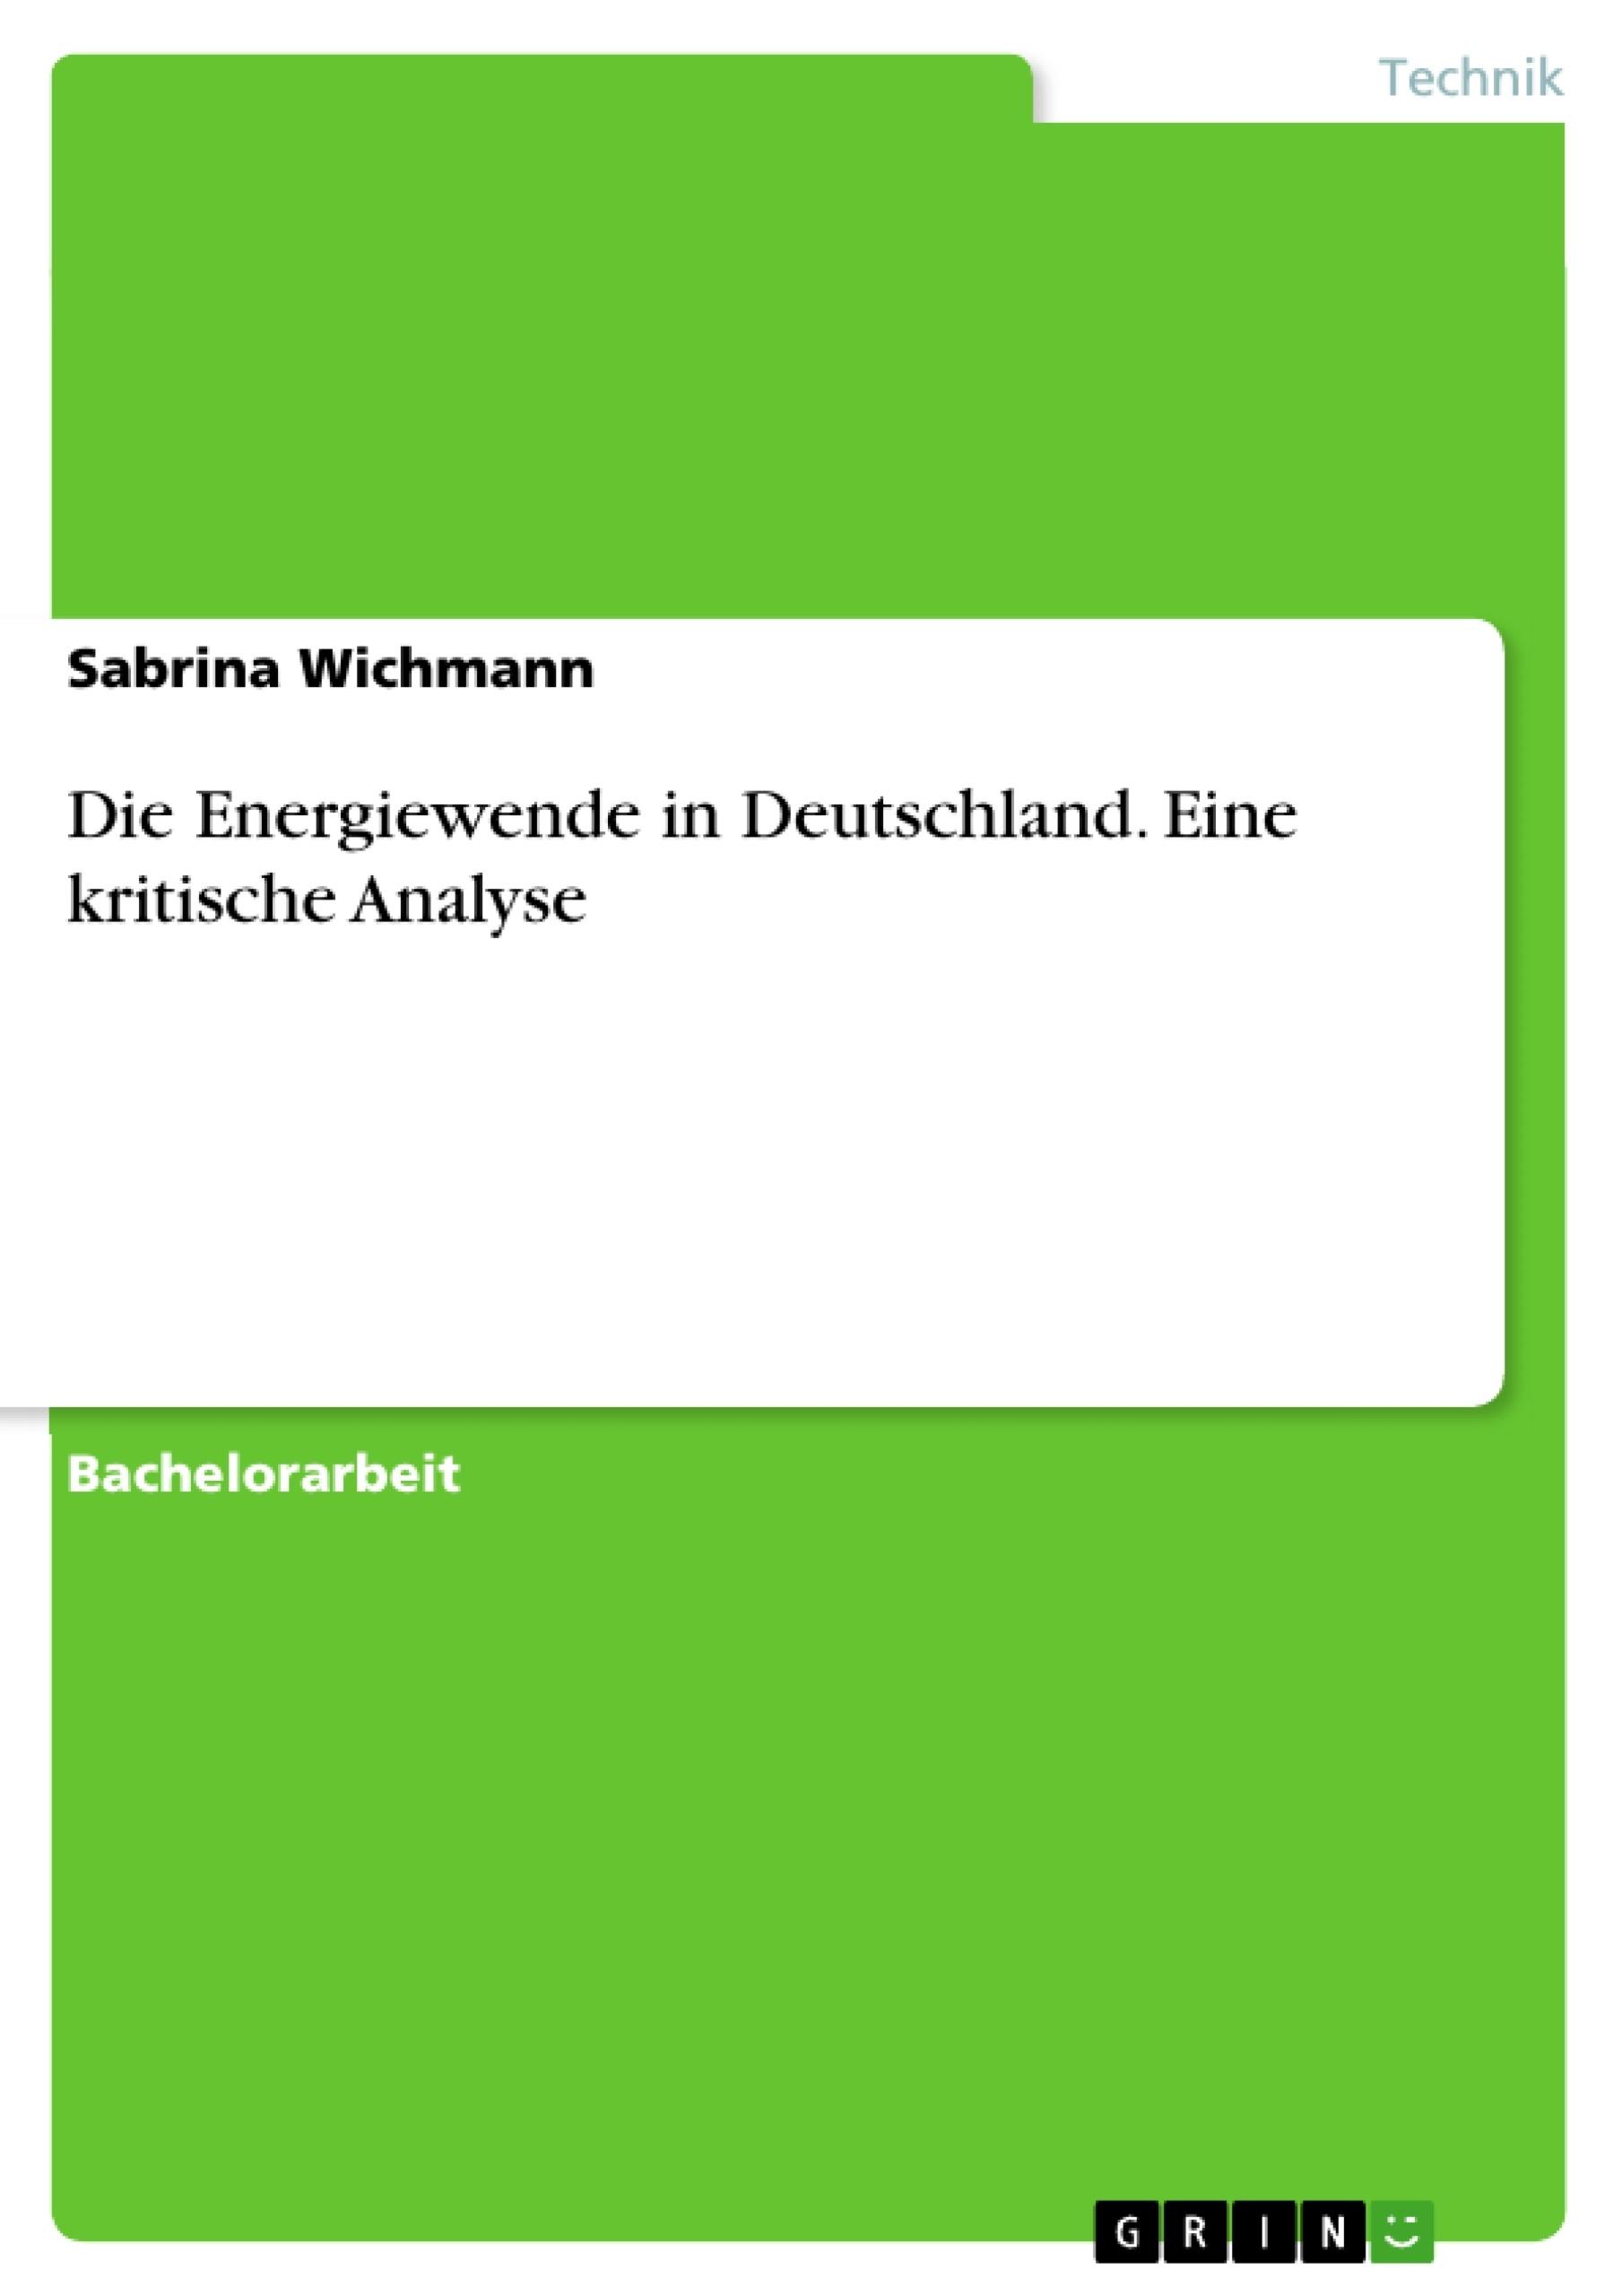 Titel: Die Energiewende in Deutschland. Eine kritische Analyse